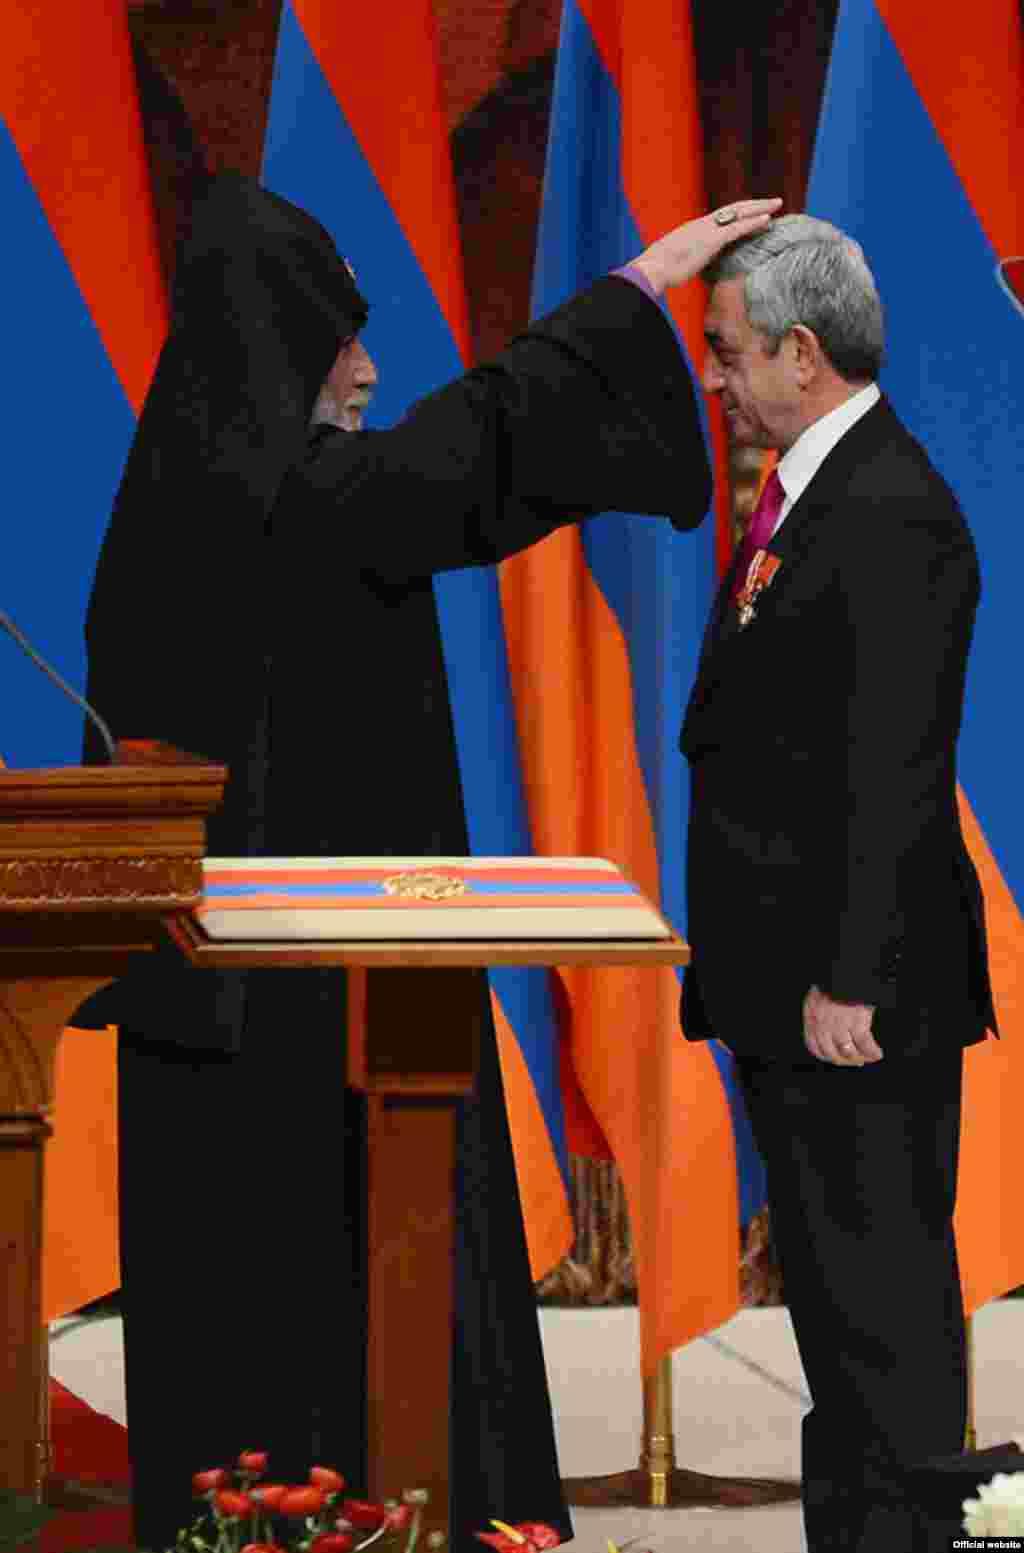 Սերժ Սարգսյանի երդմնակալության օրը, Երևան, 2013թ. ապրիլի 9